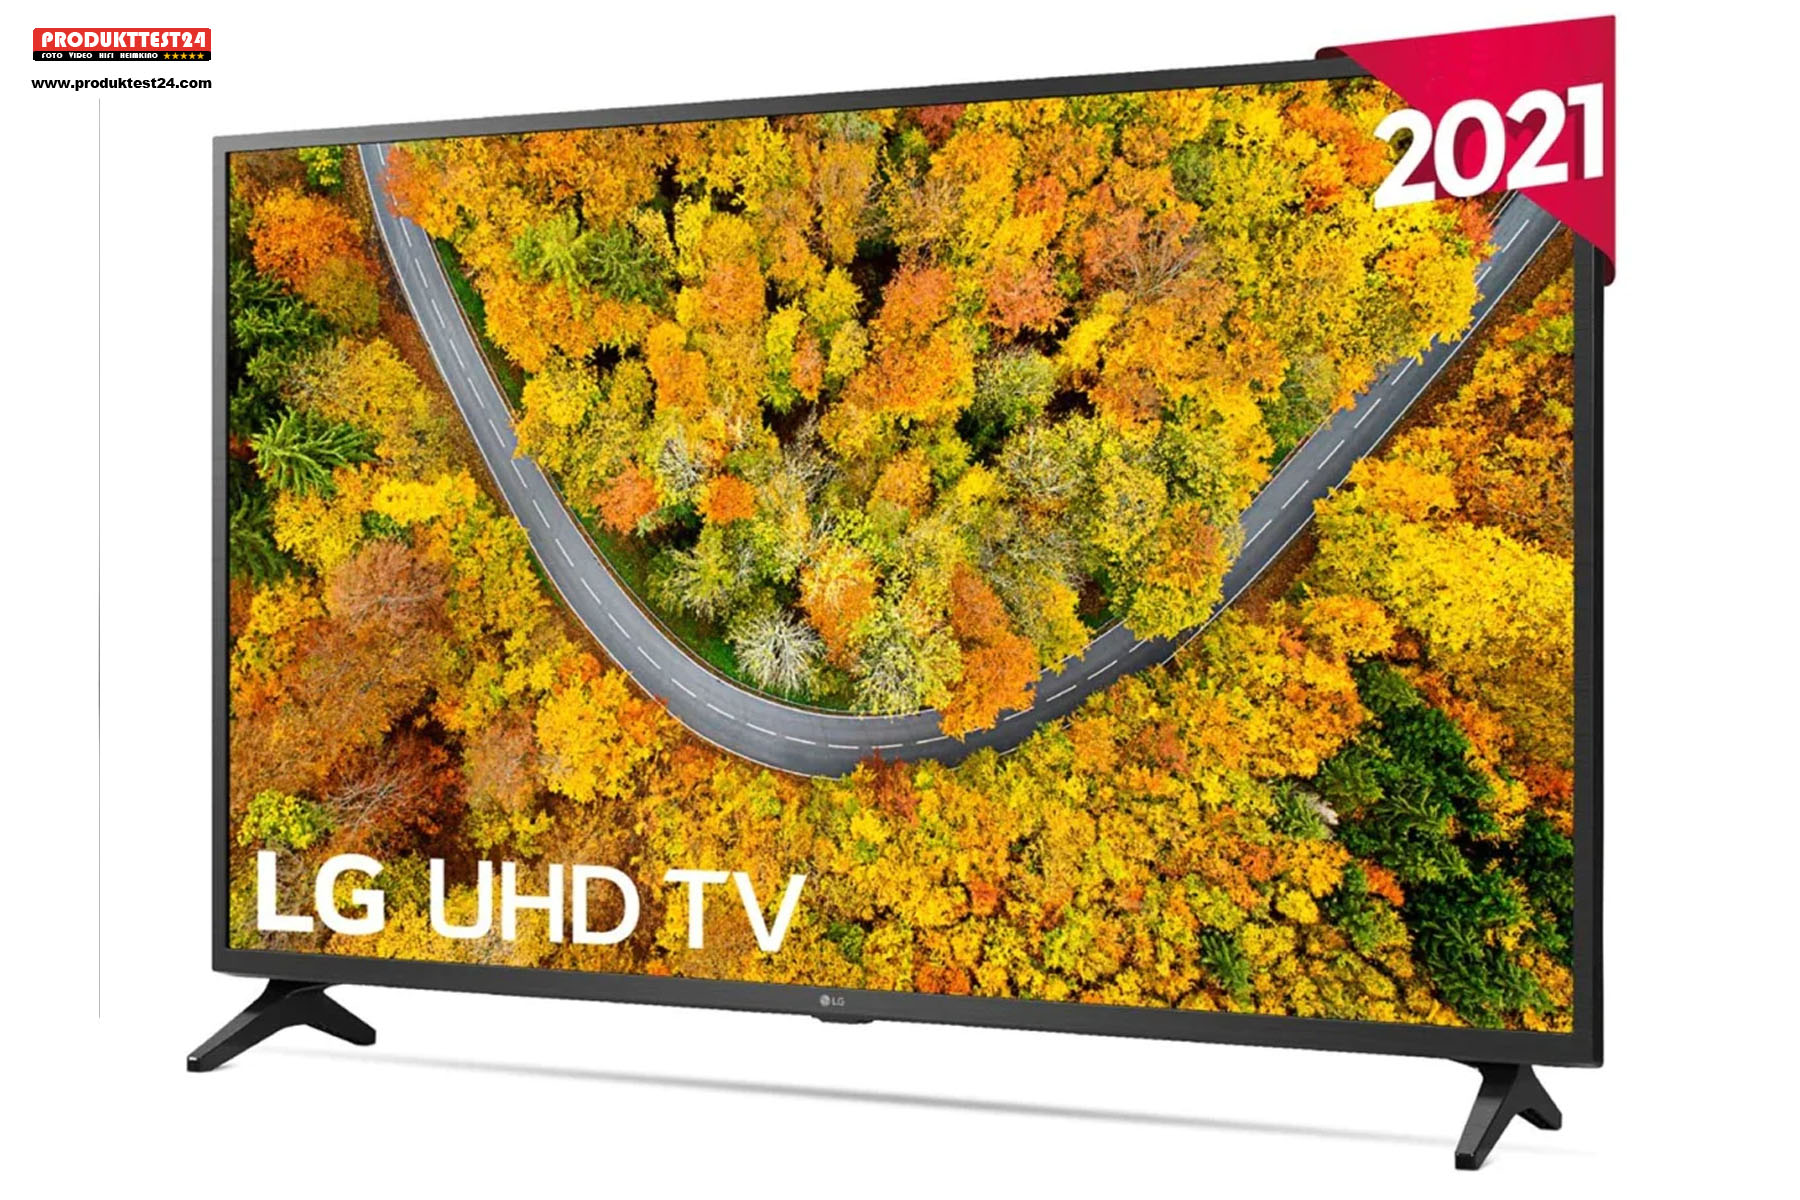 Der LG 55UP75009LF ist ein guter und preiswerter 4K-Fernseher.